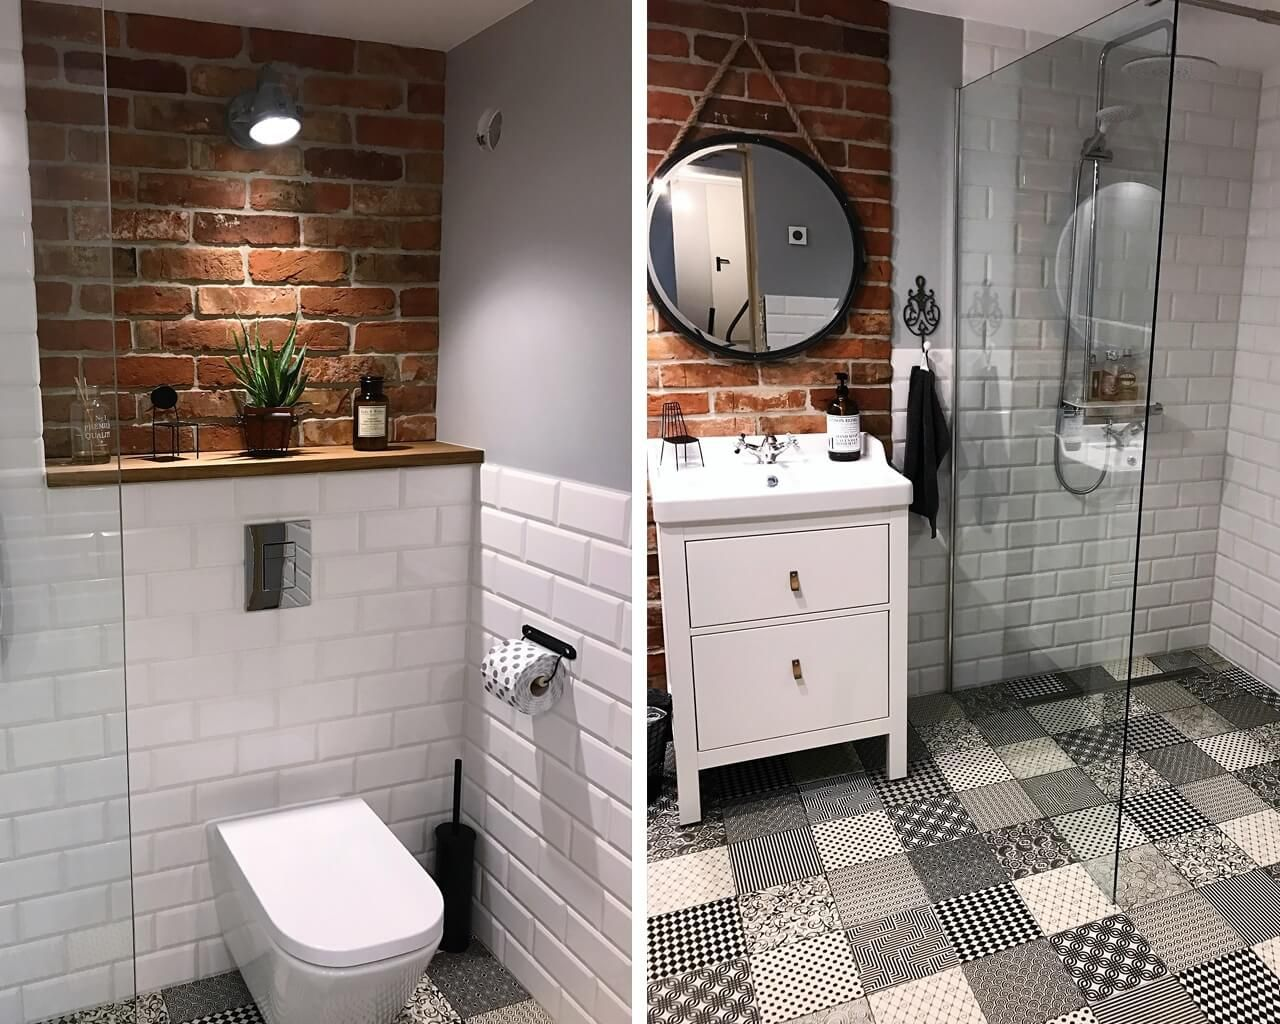 Biała cegła i cegła czerwona w małej łazience | Ceramika ...